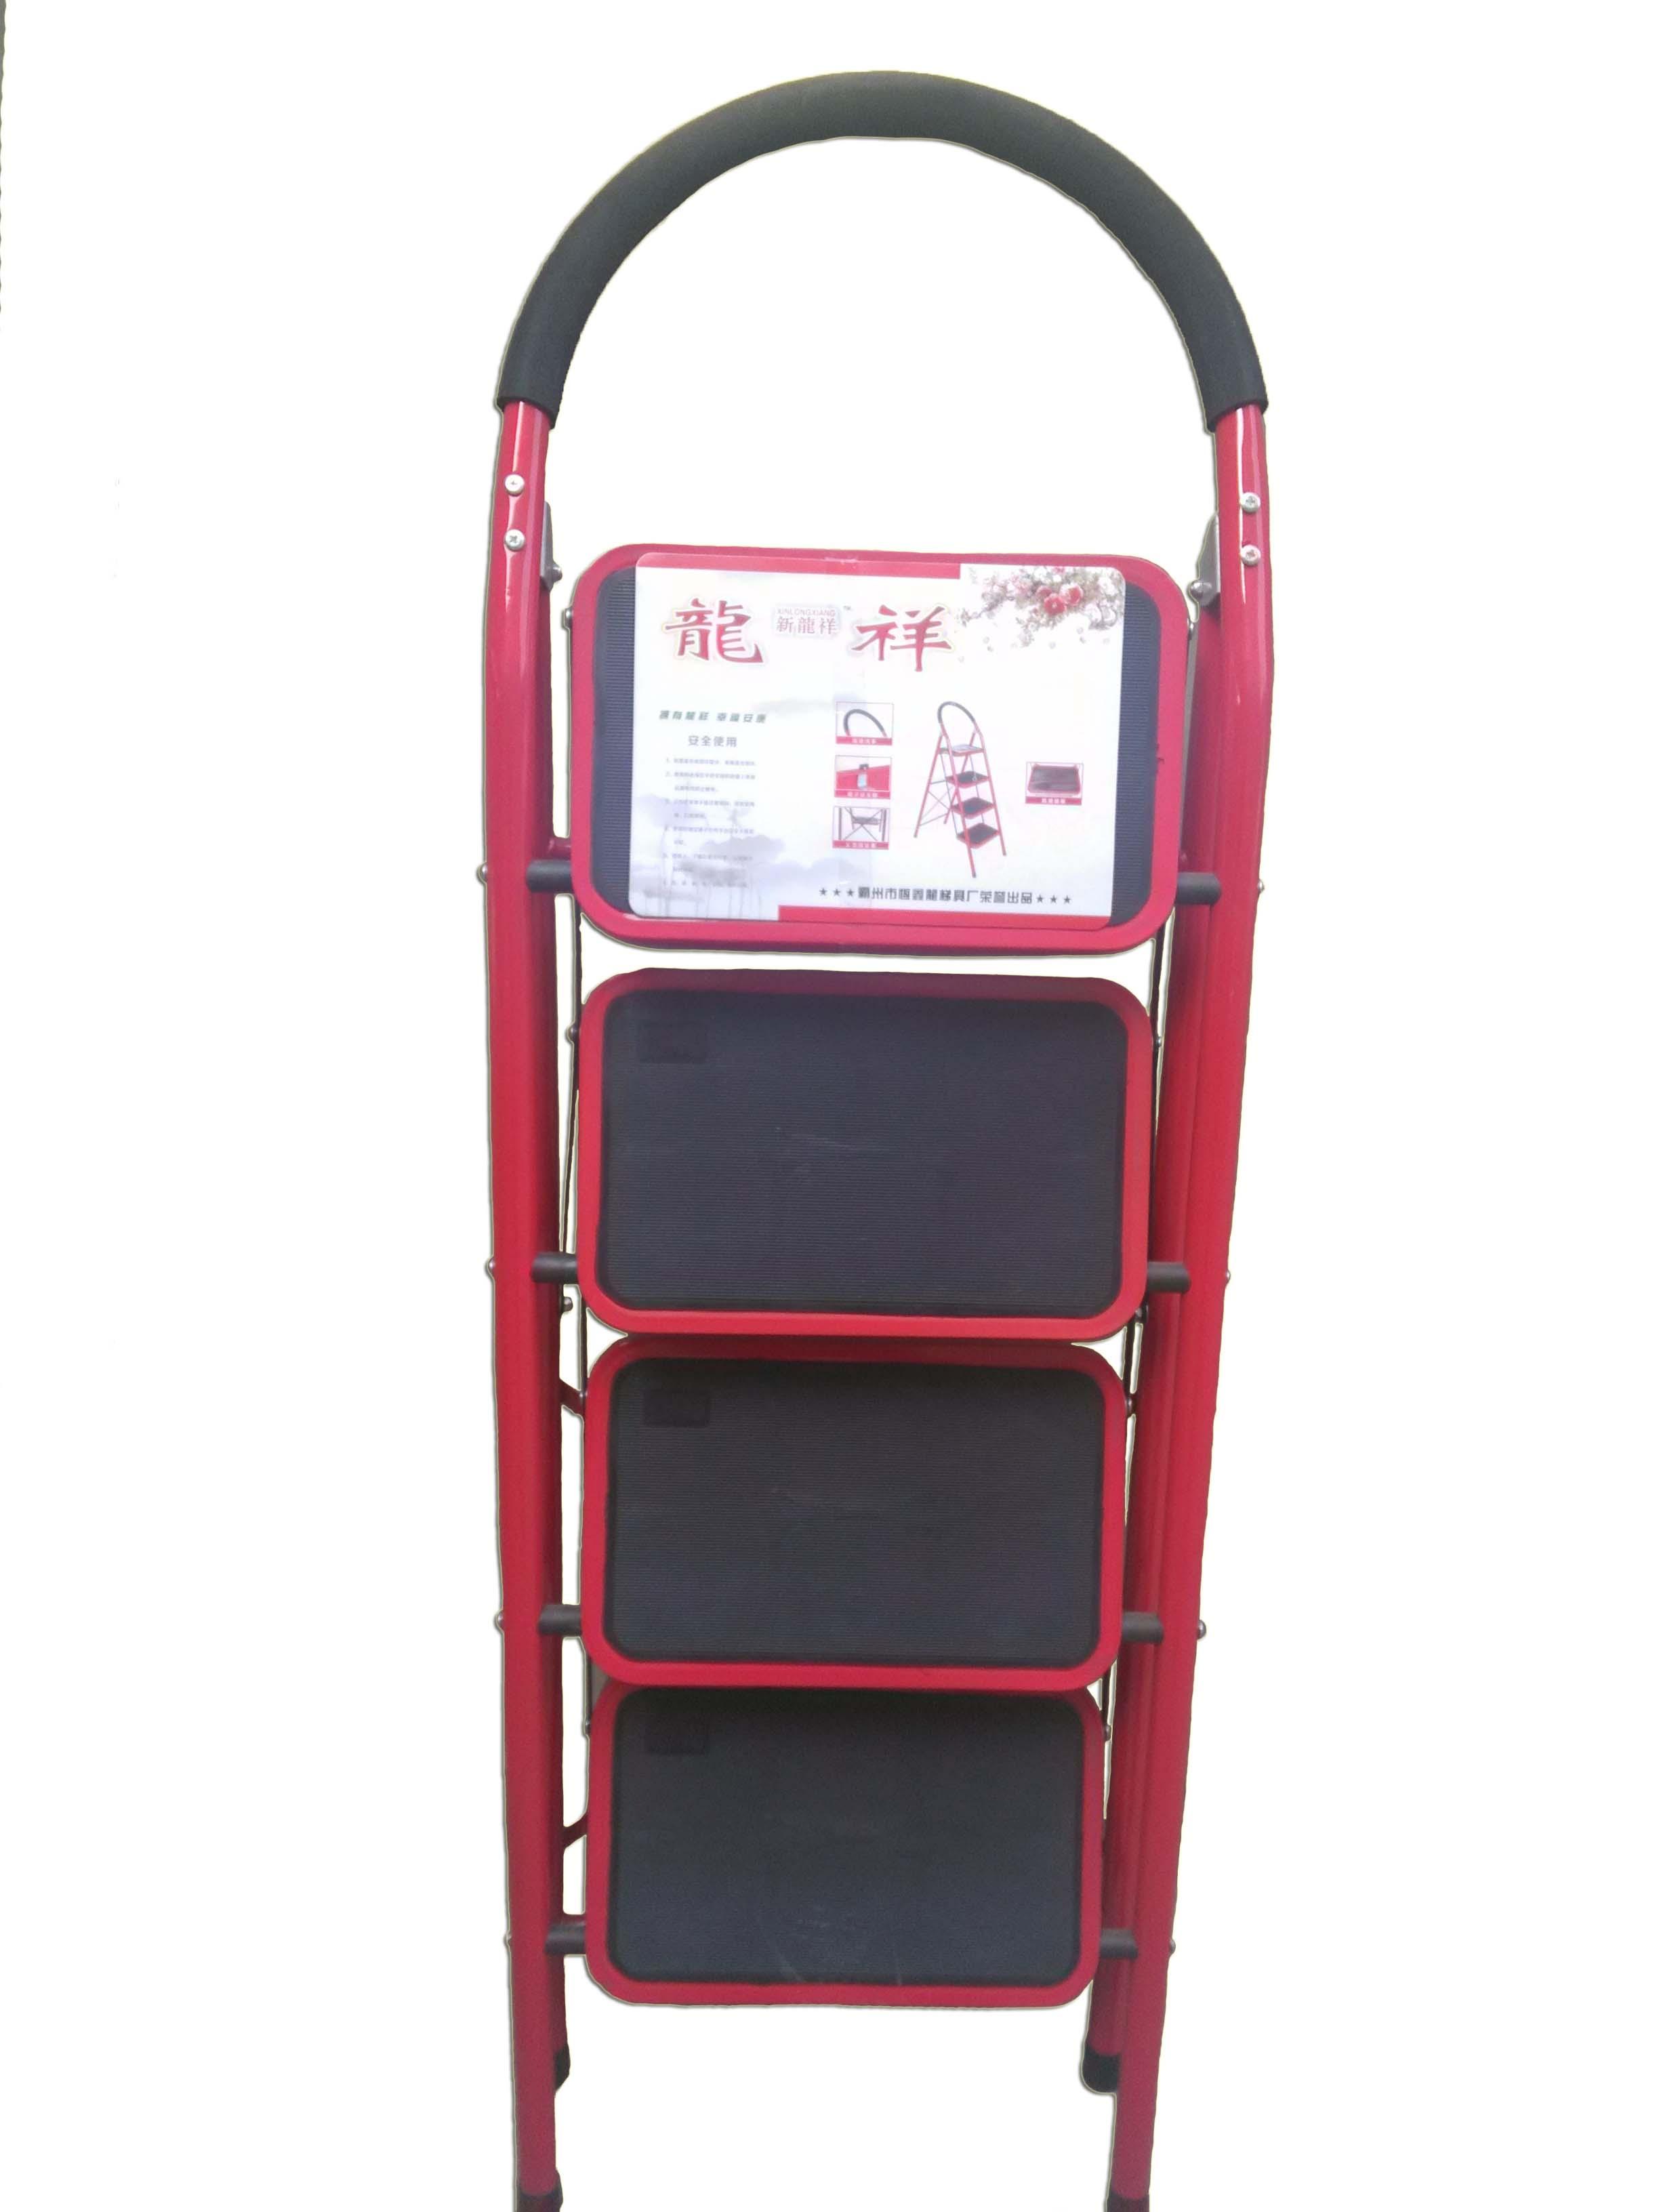 【供销】河北优惠的大红板_大红板销售